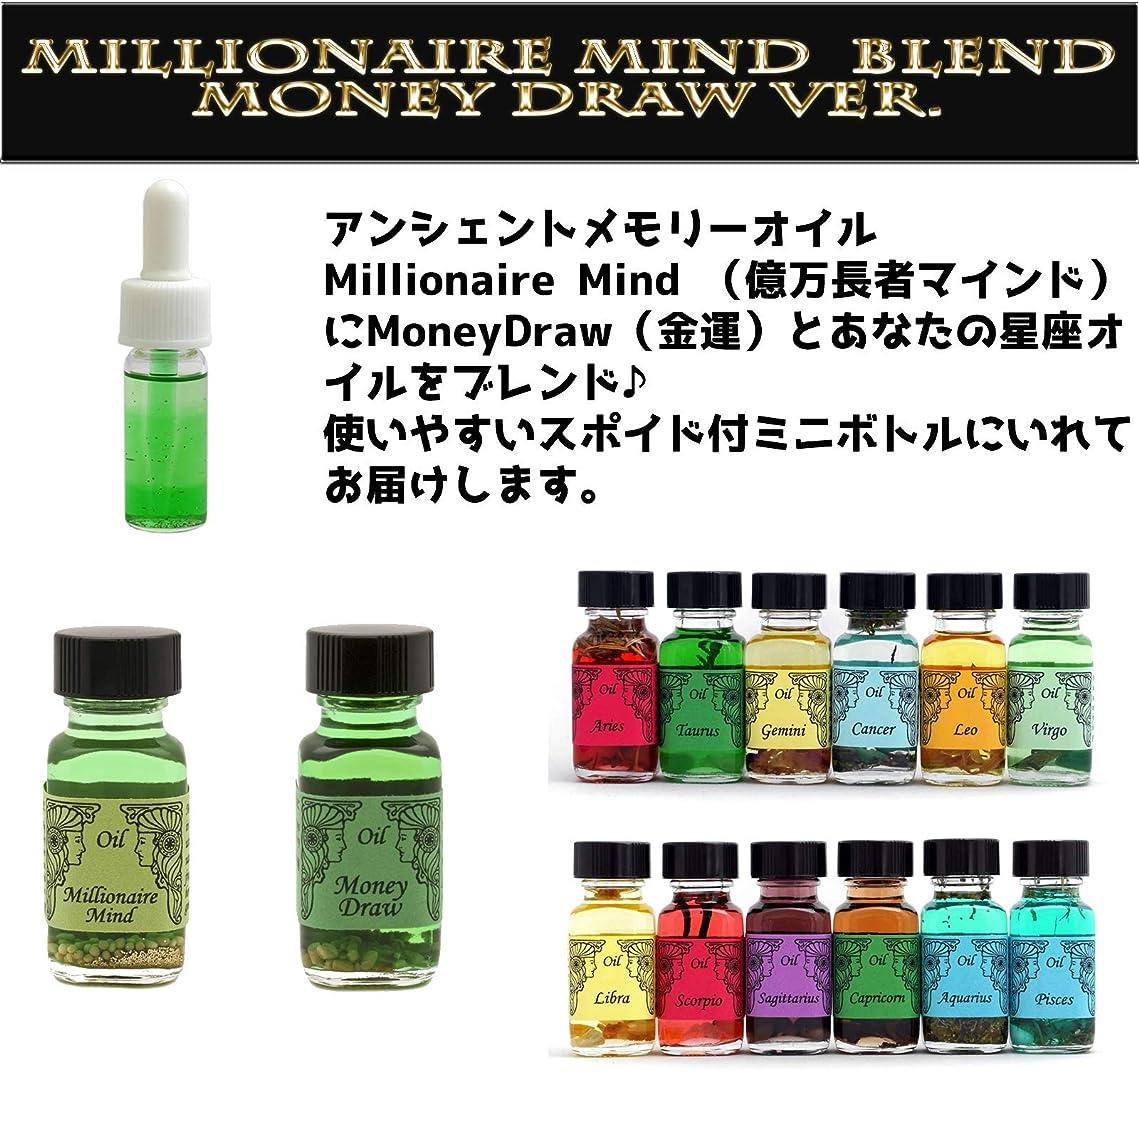 知性苦悩アレルギーアンシェントメモリーオイル Millionaire Mind 億万長者マインド ブレンド(Money Drawマネードロー(金運)&さそり座